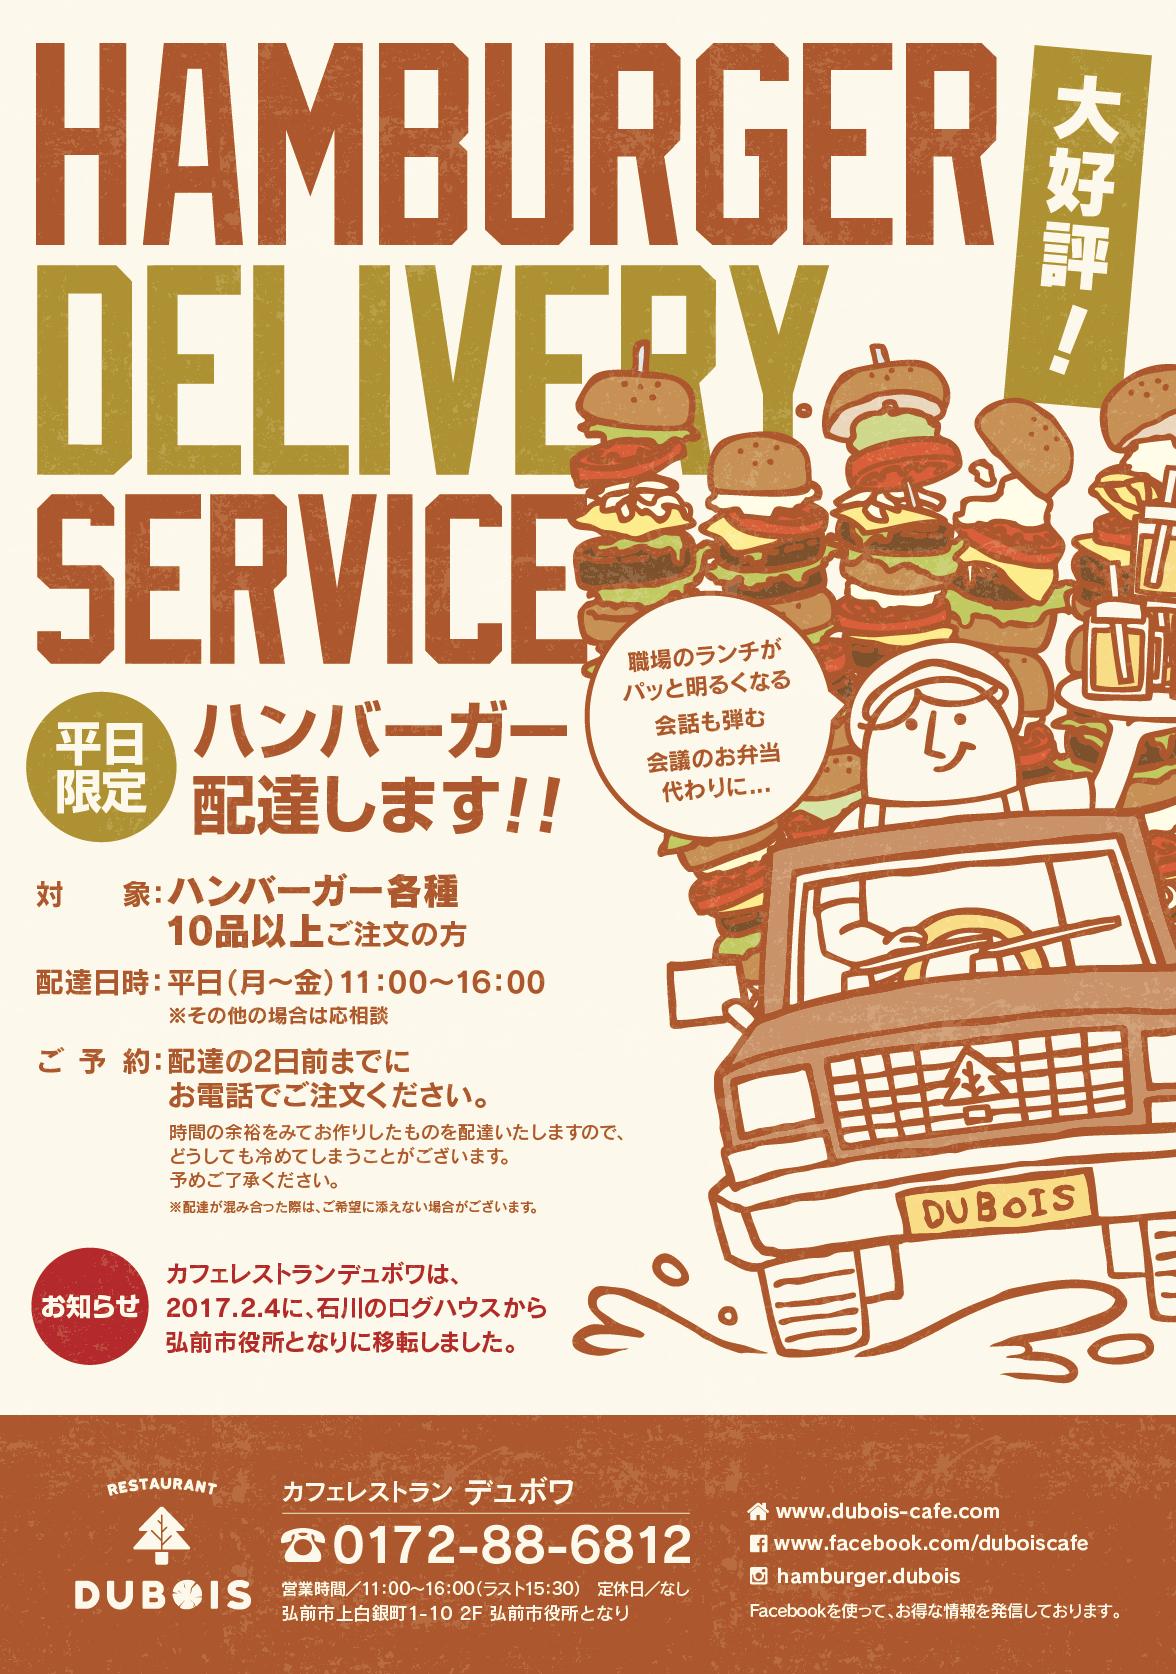 【平日限定】ハンバーガー配達します!!